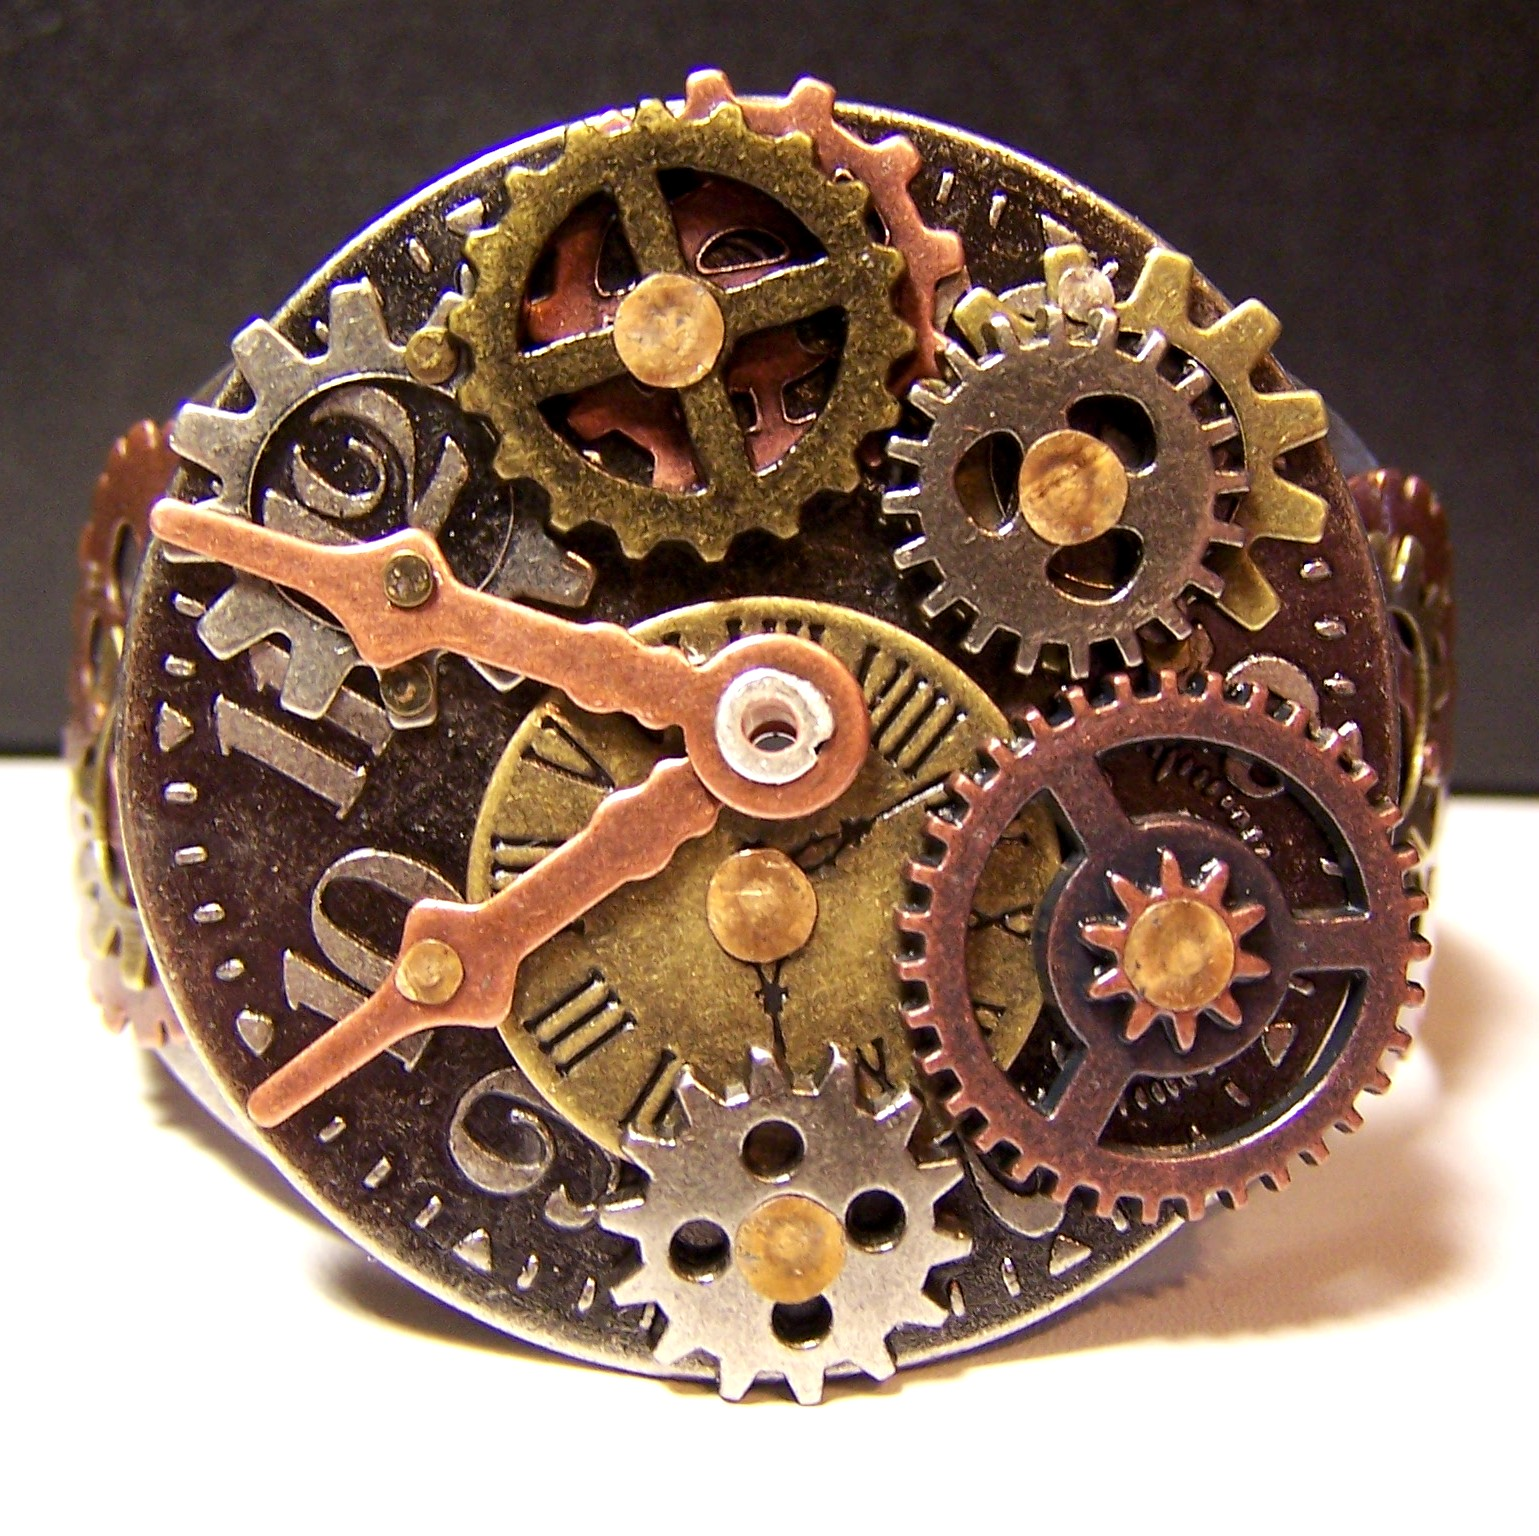 zen creations jewelry gears clocks and gemstones